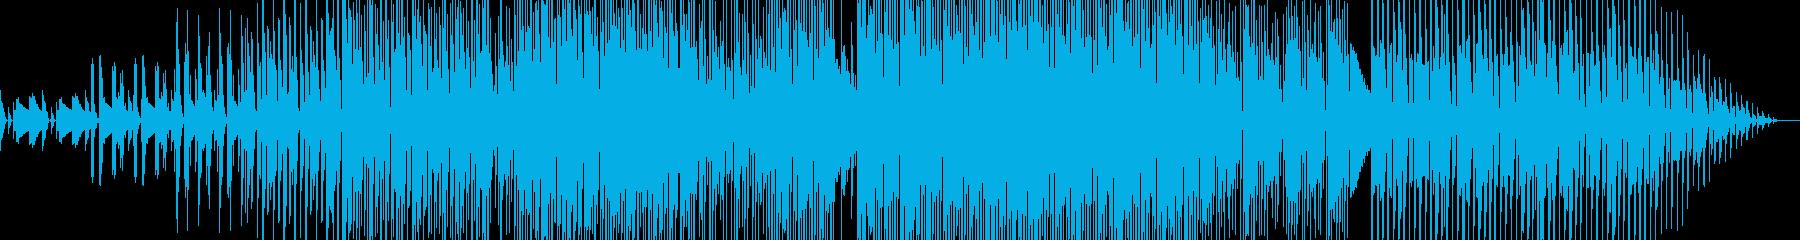 ラウンジ感のあるBGMの再生済みの波形